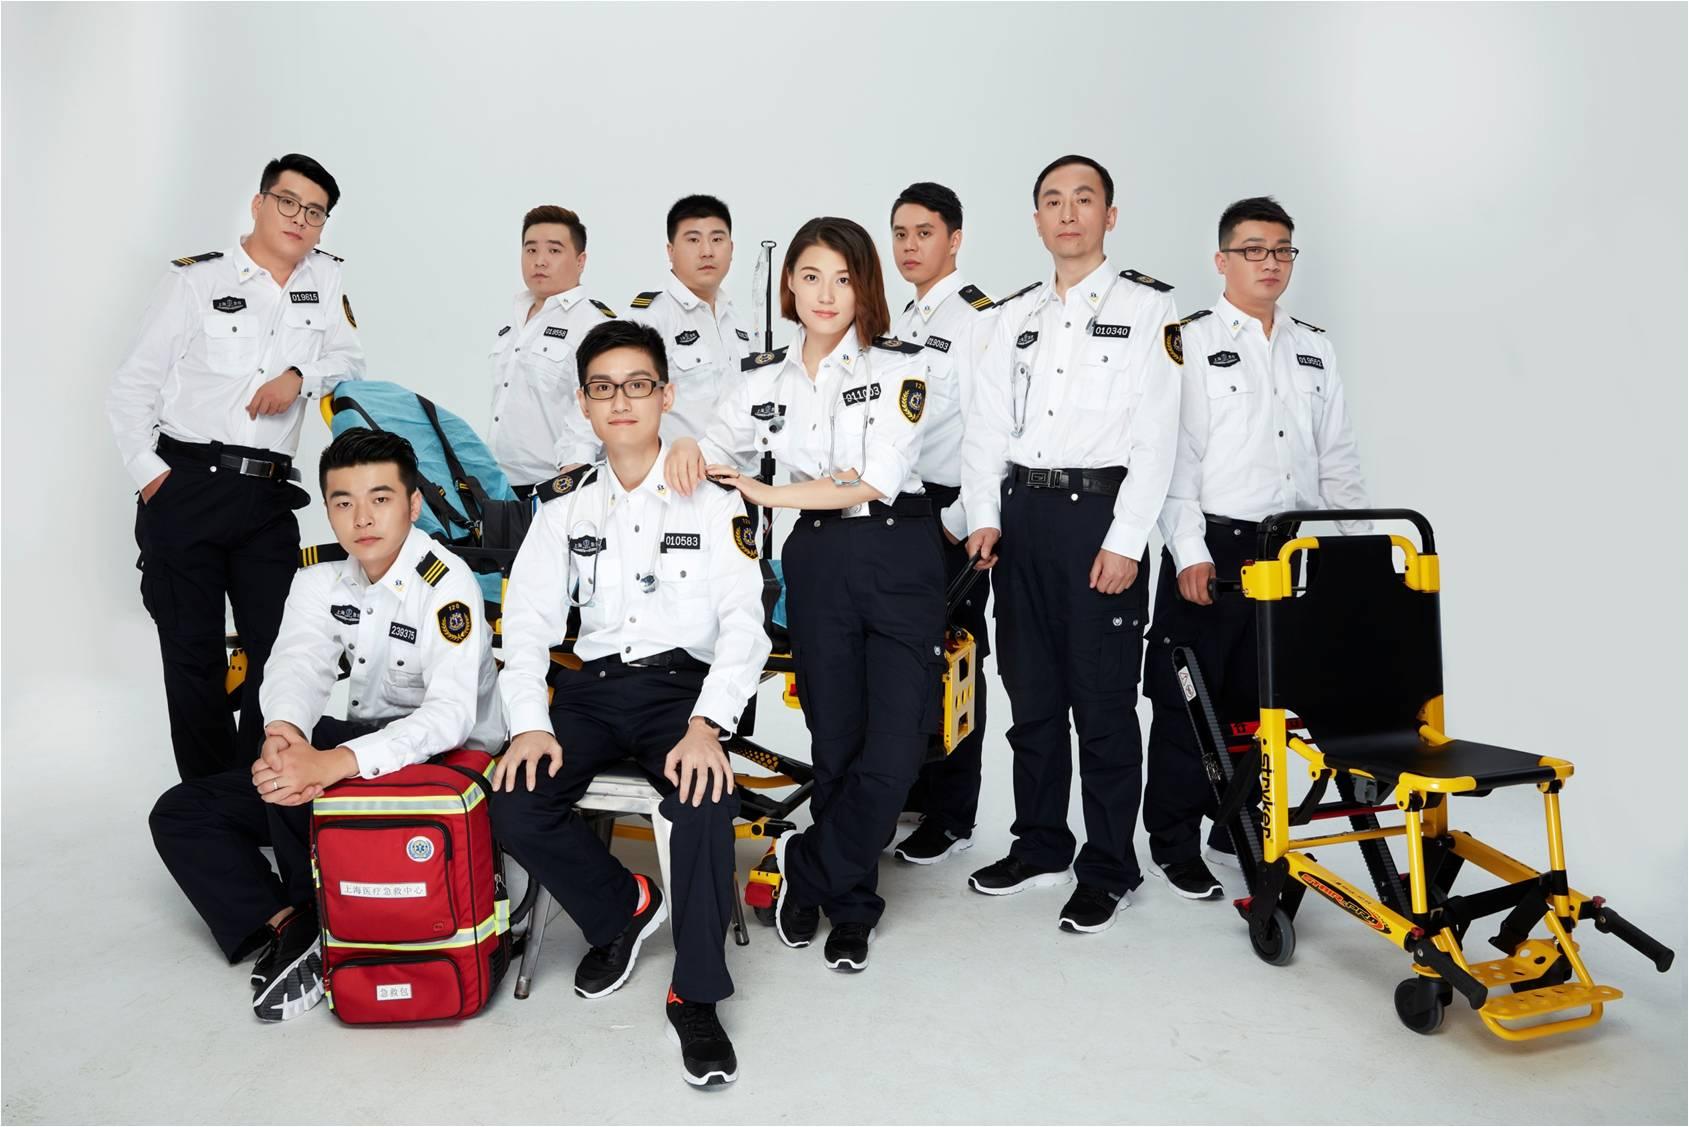 上海市医疗急救中心宣讲会